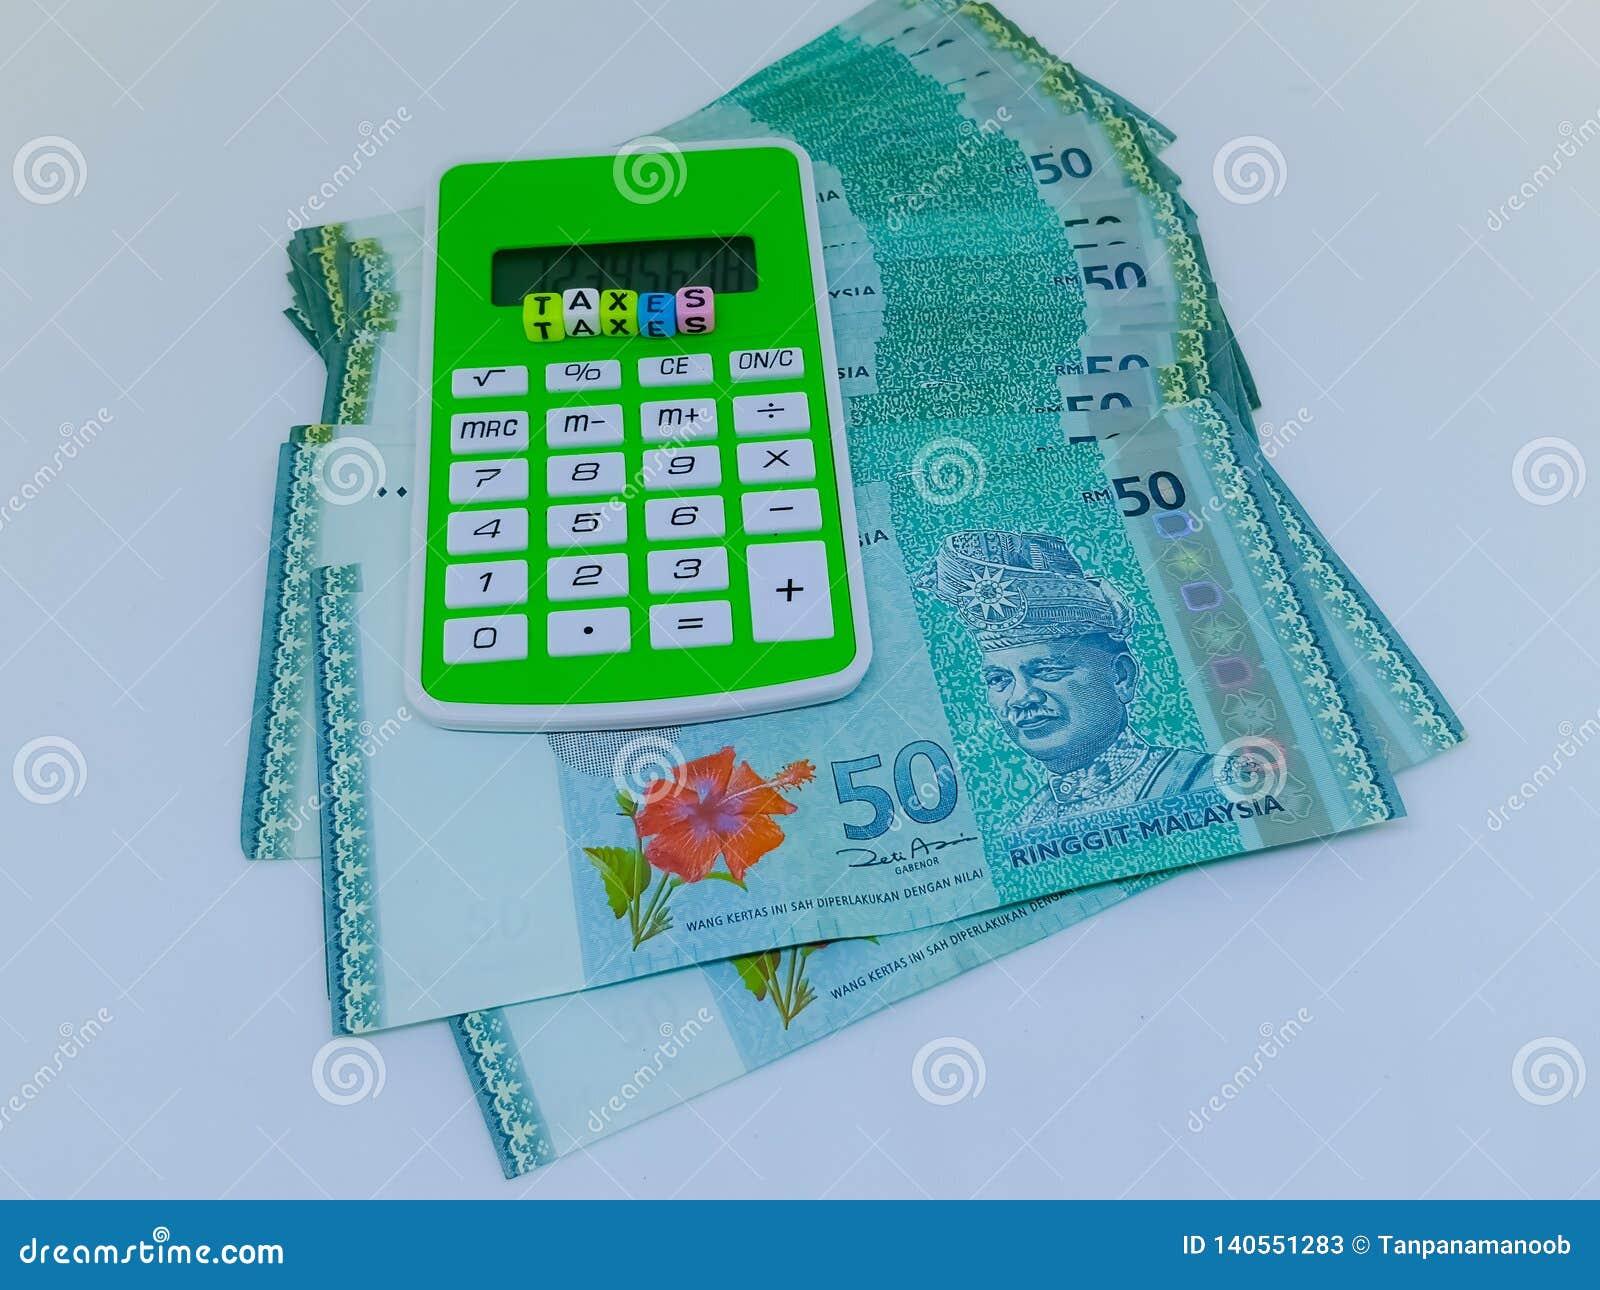 Steuerfinanzkonzept Steuerkonzept bargeld